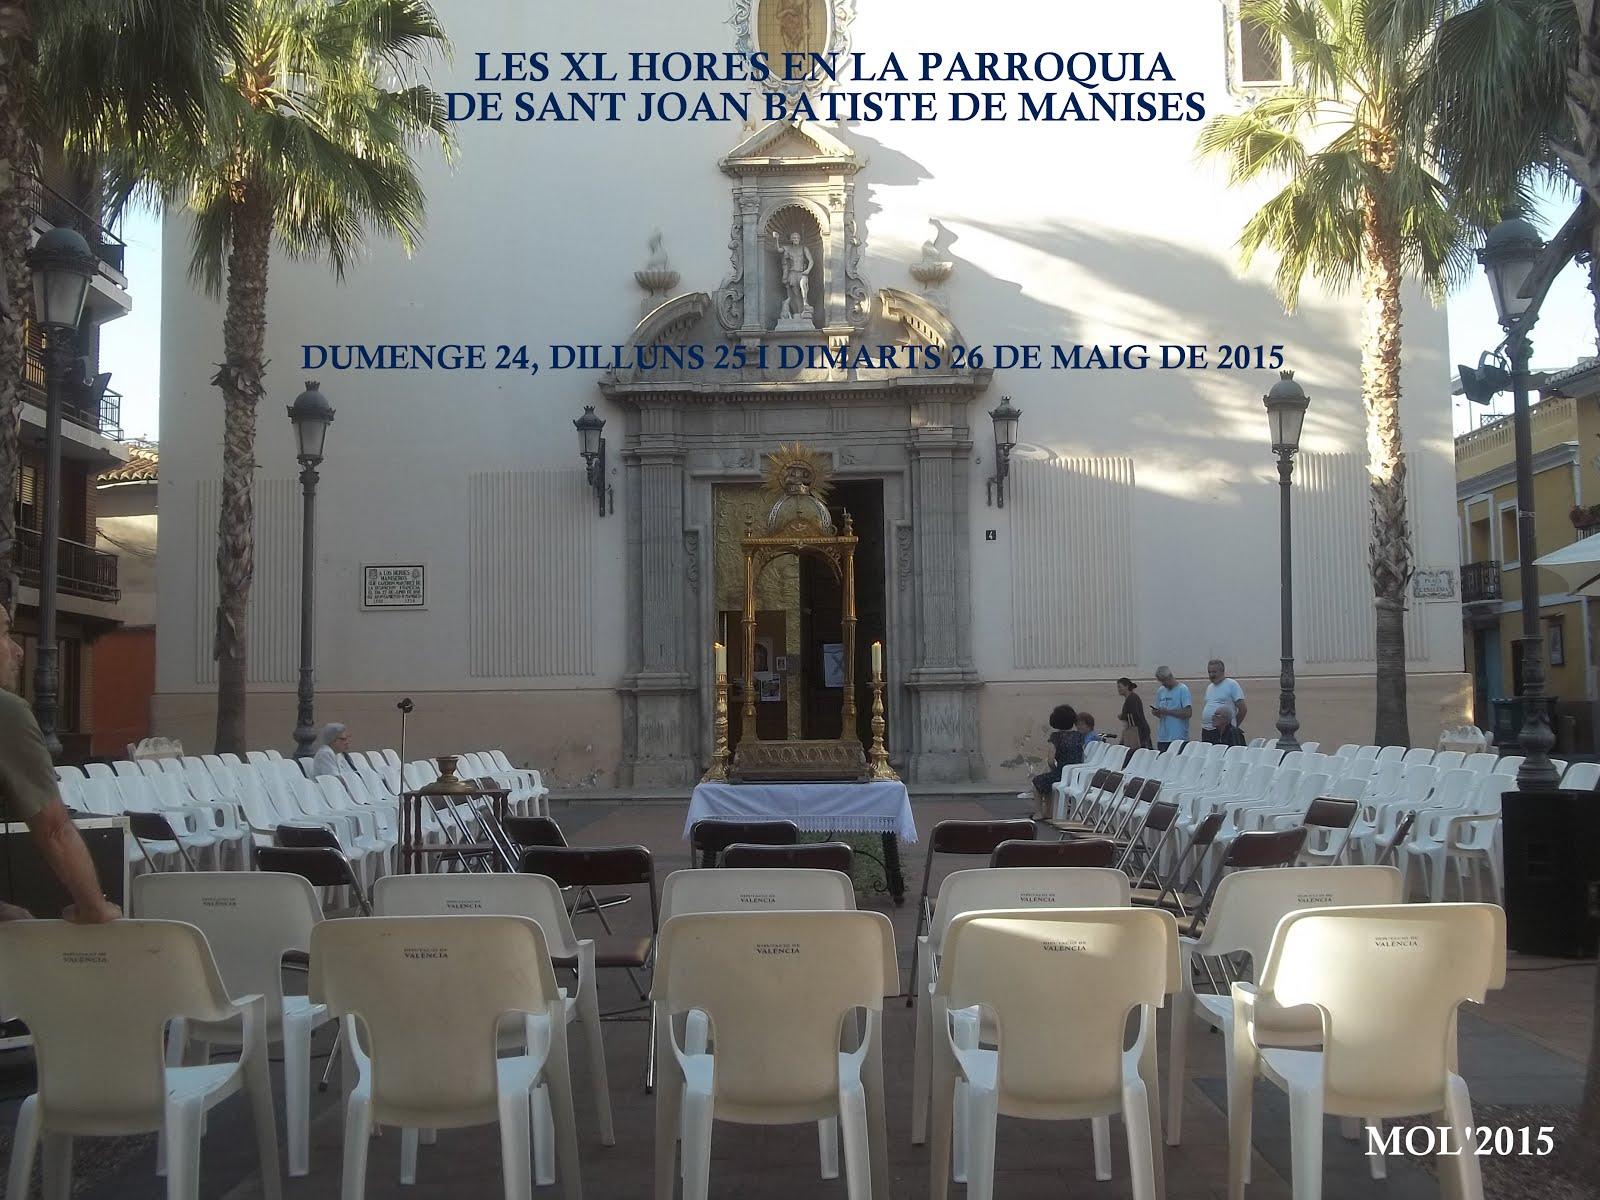 LES XL HORES EN LA PARROQUIA DE SANT JOAN BATISTE DE MANISES